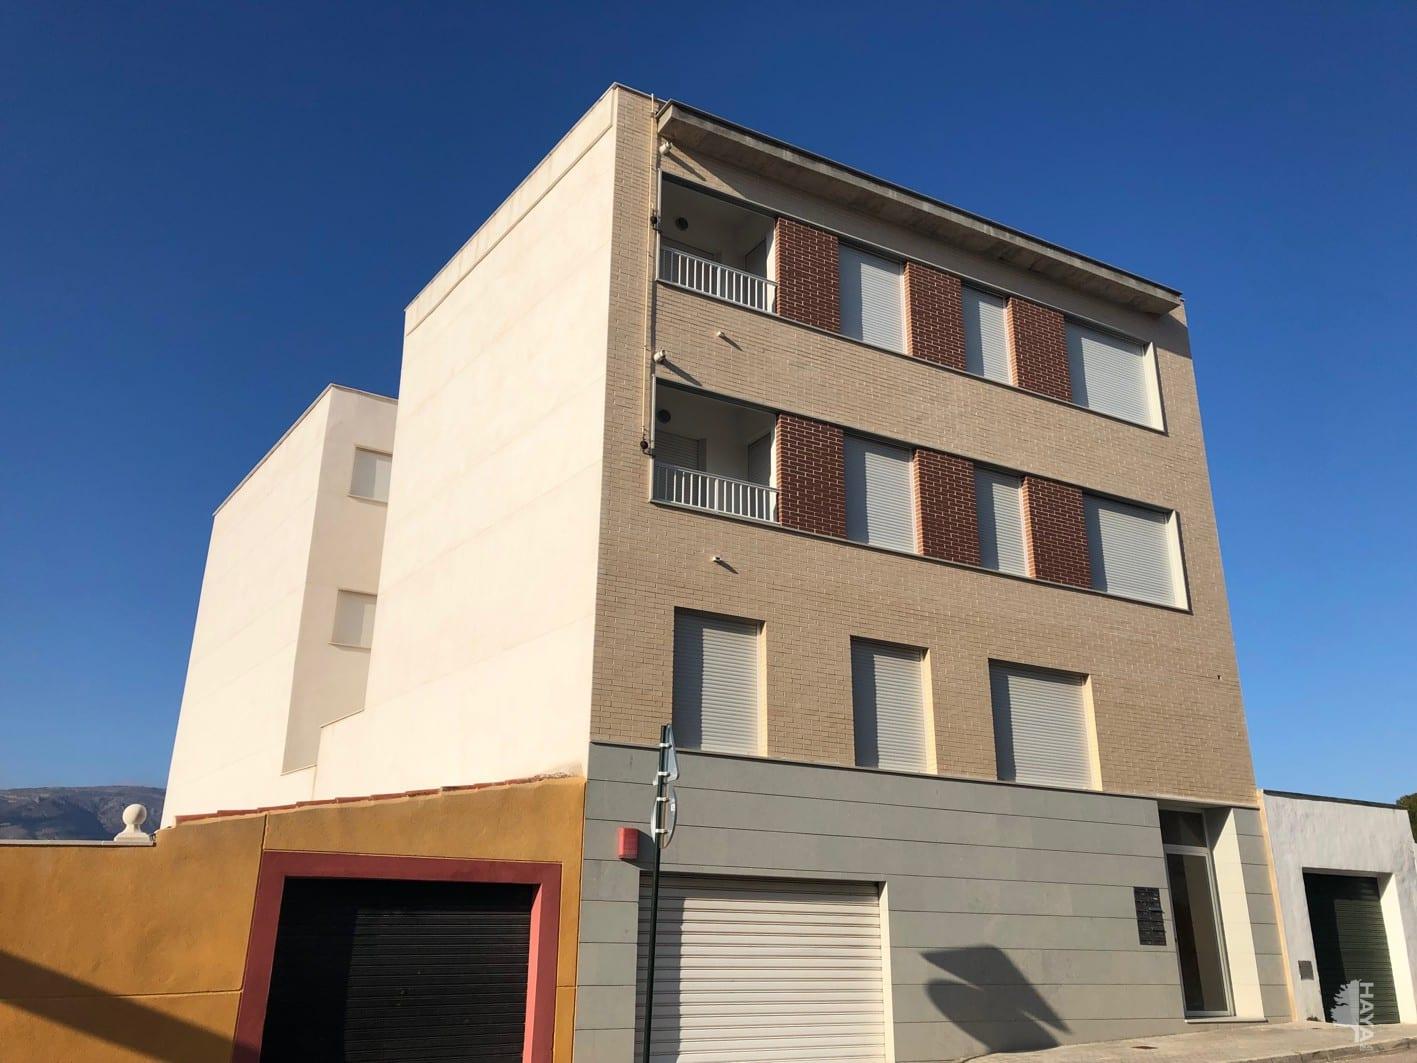 Piso en venta en Viaducte, Alcoy/alcoi, Alicante, Calle Sant Joan de Ribera, 71.000 €, 2 habitaciones, 1 baño, 67 m2